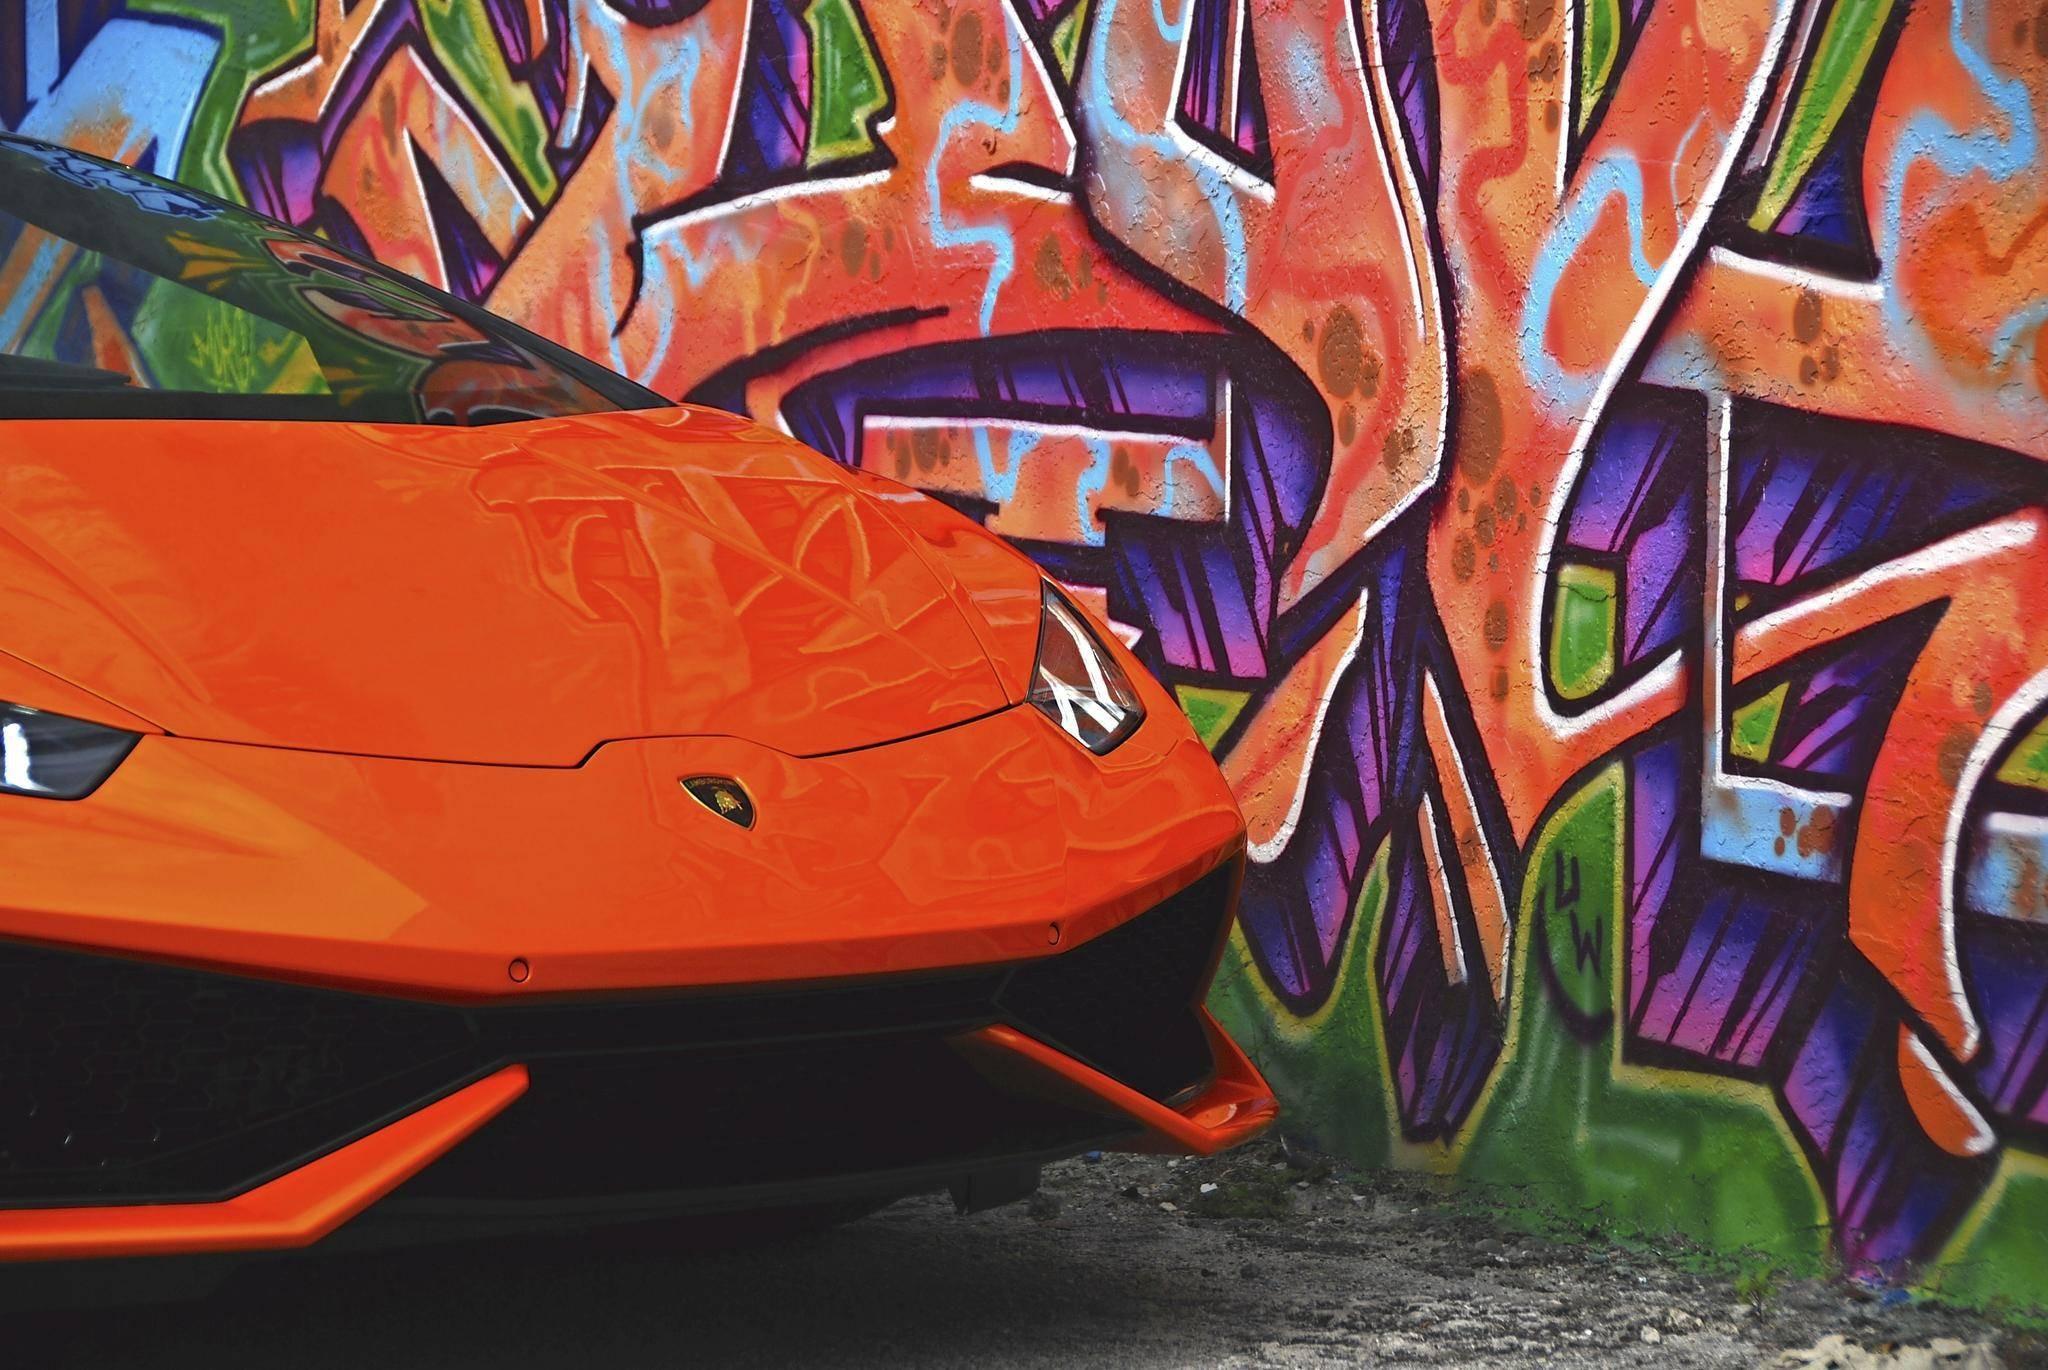 4L5L5TTAK5DKDLHZUR6LOGVB6Q Marvelous Lamborghini Huracan Hack asphalt 8 Cars Trend